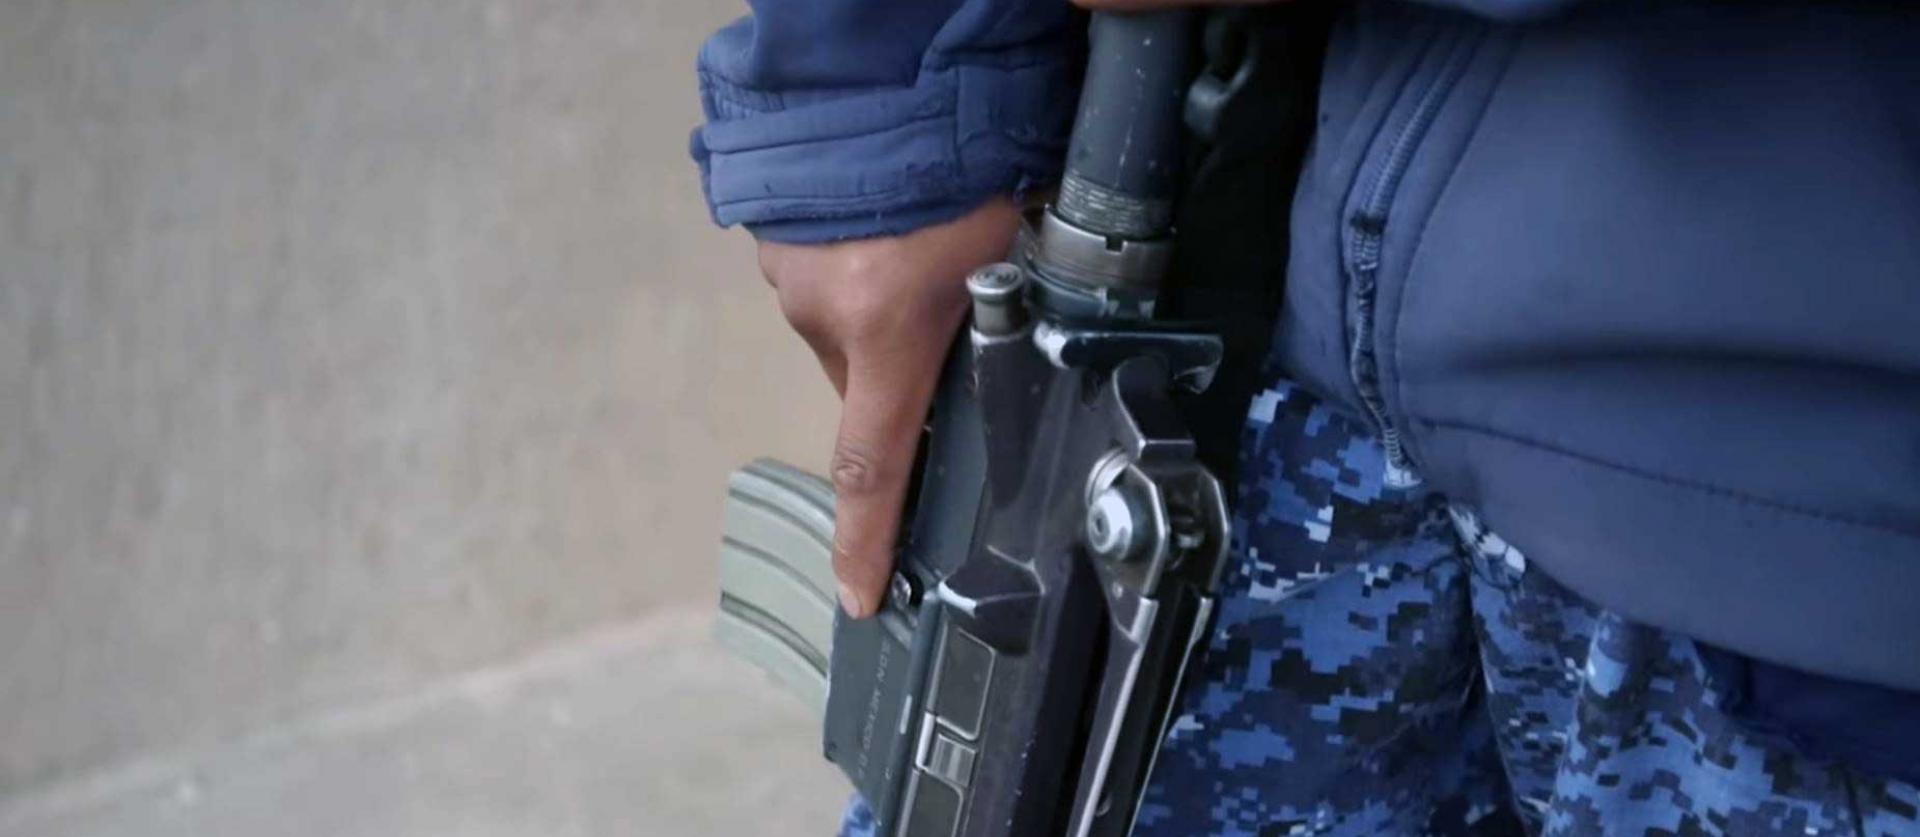 Foto: www.kcet.org.